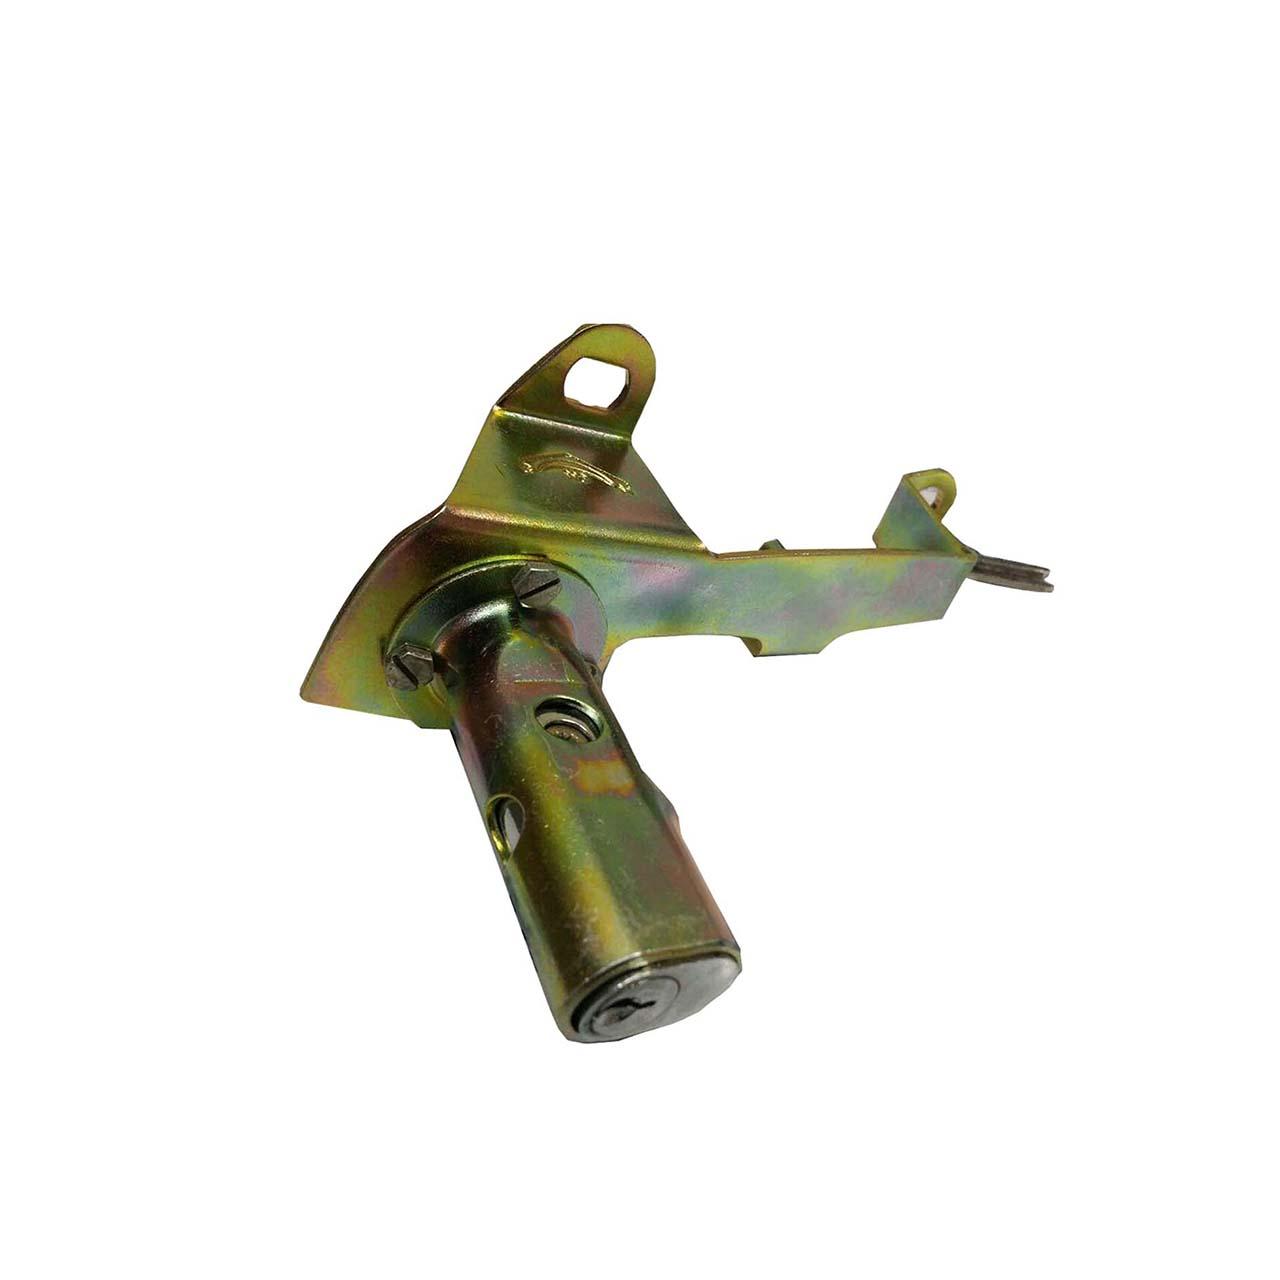 قفل کاپوت خودرو مدل 110 مناسب برای پژو 206